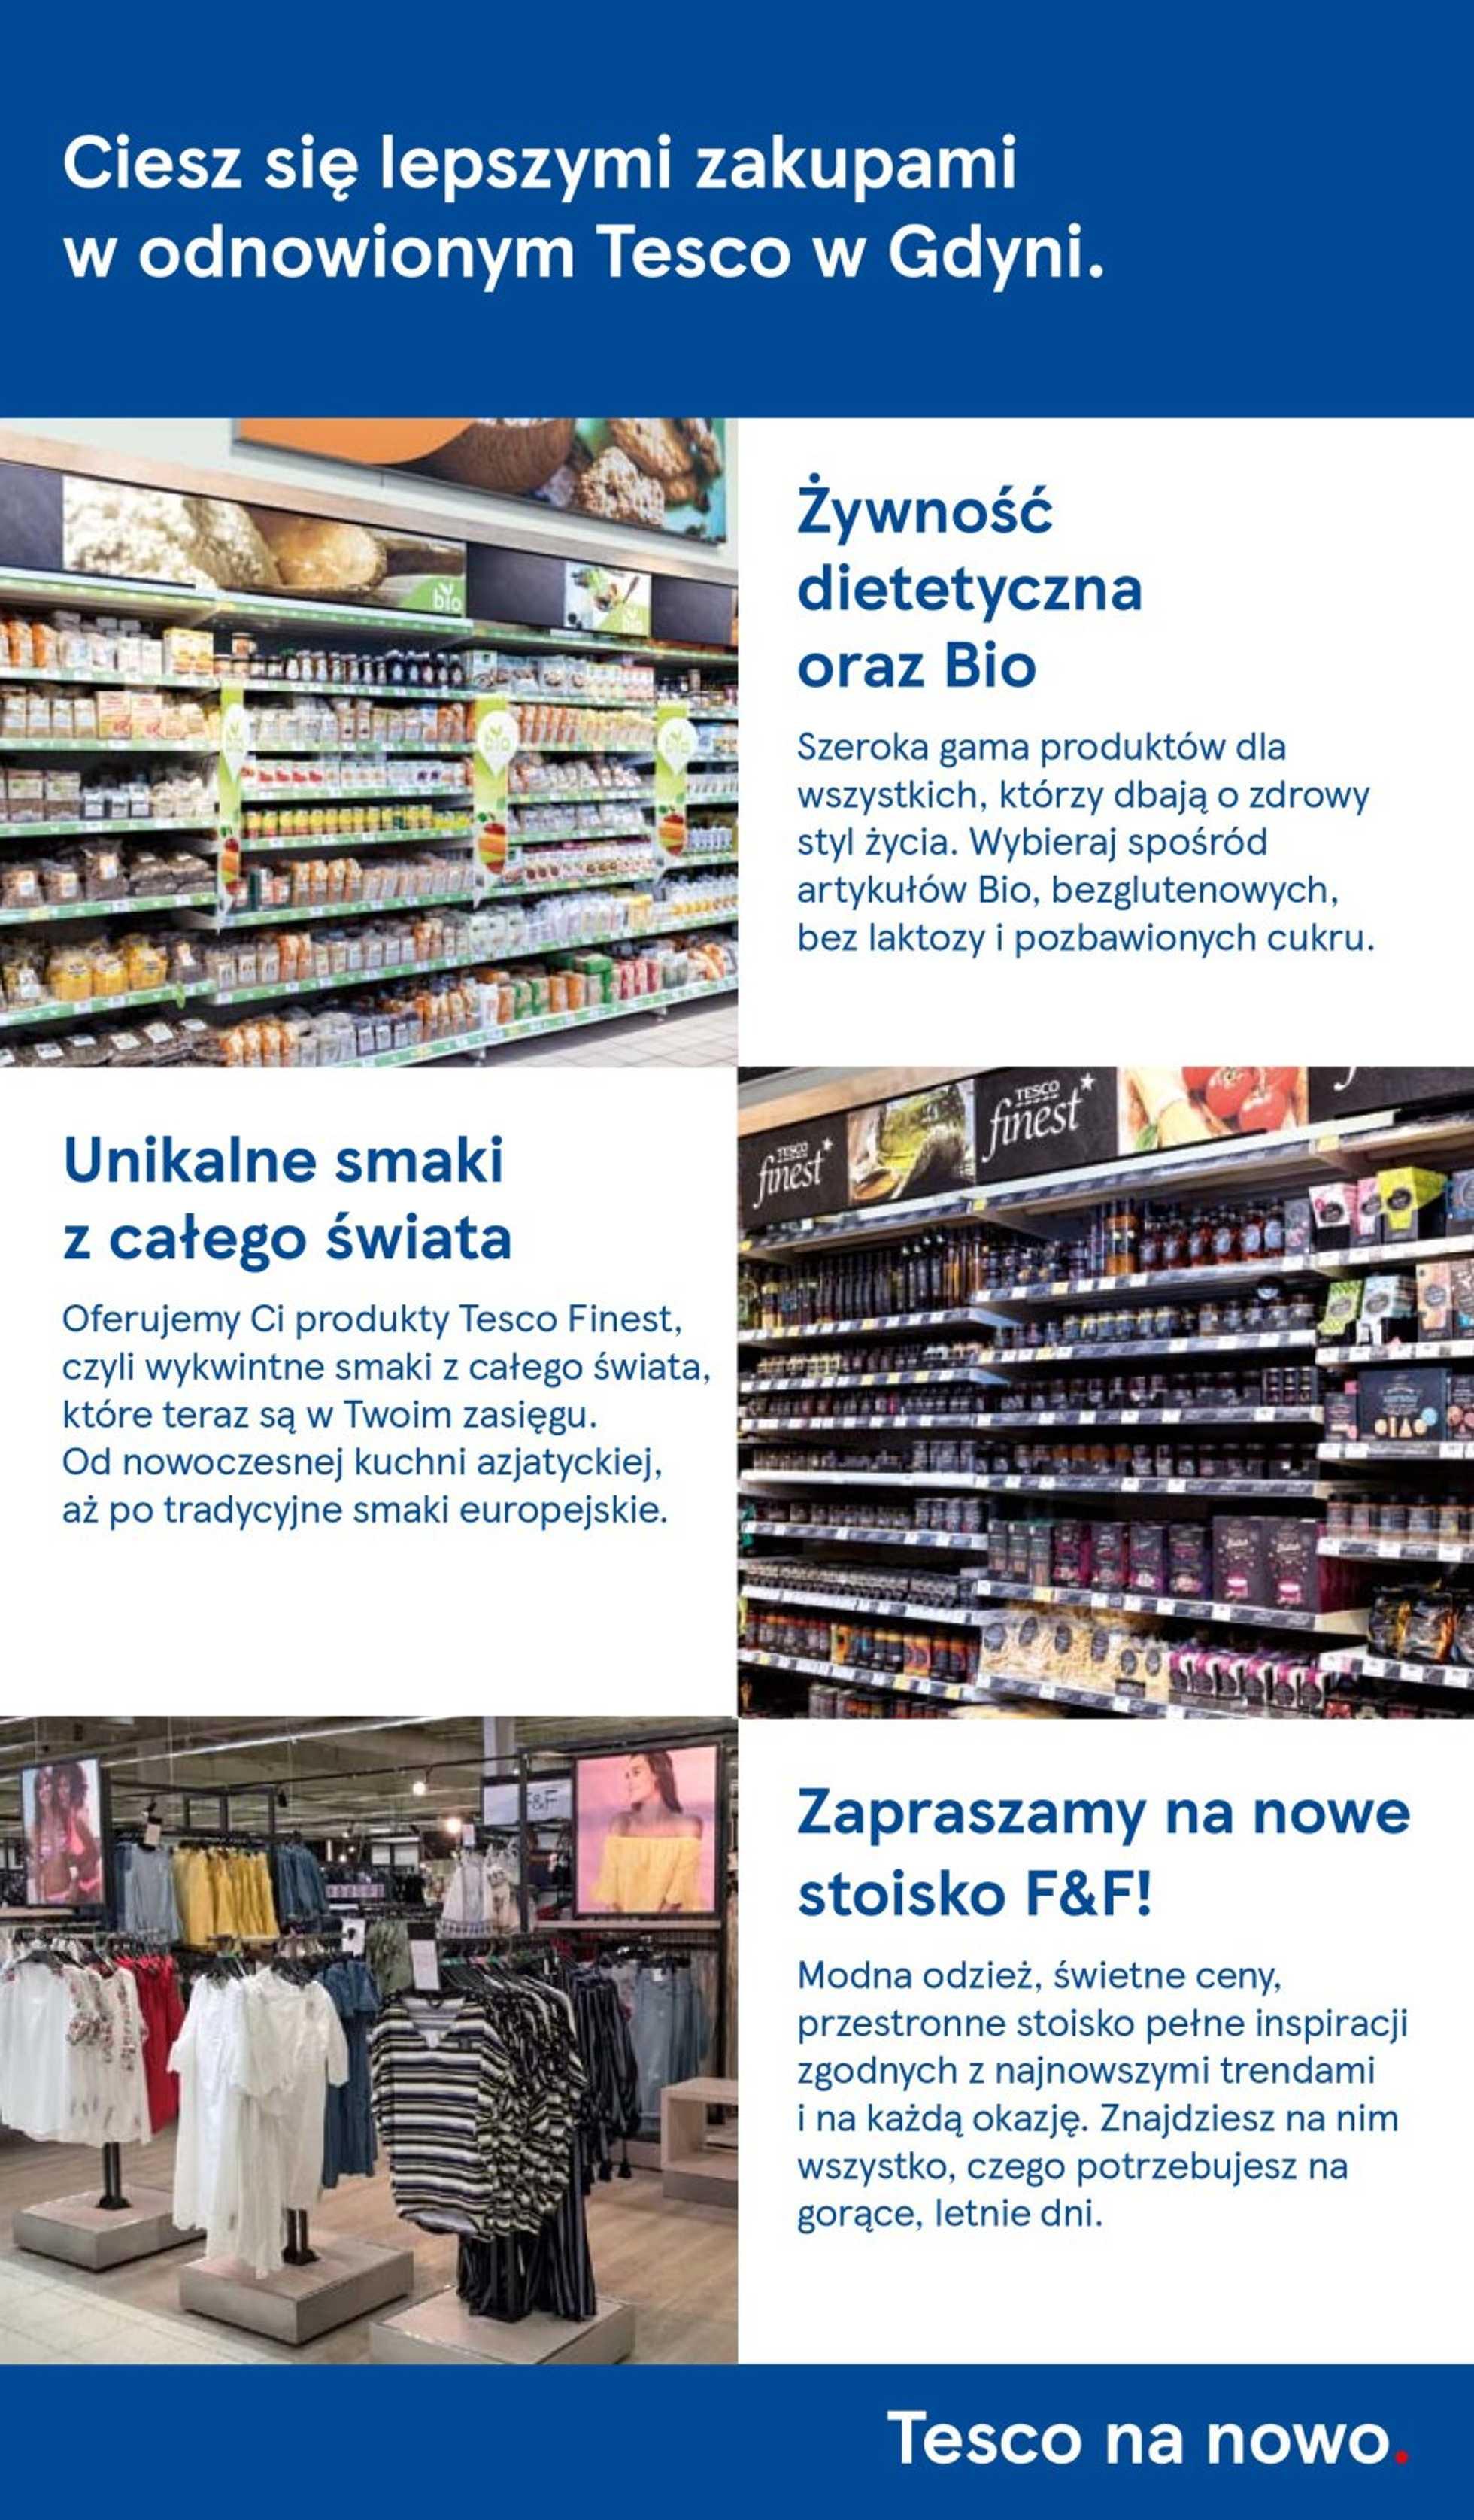 Tesco - gazetka promocyjna ważna od 23.08.2018 do 28.08.2018 - strona 3.